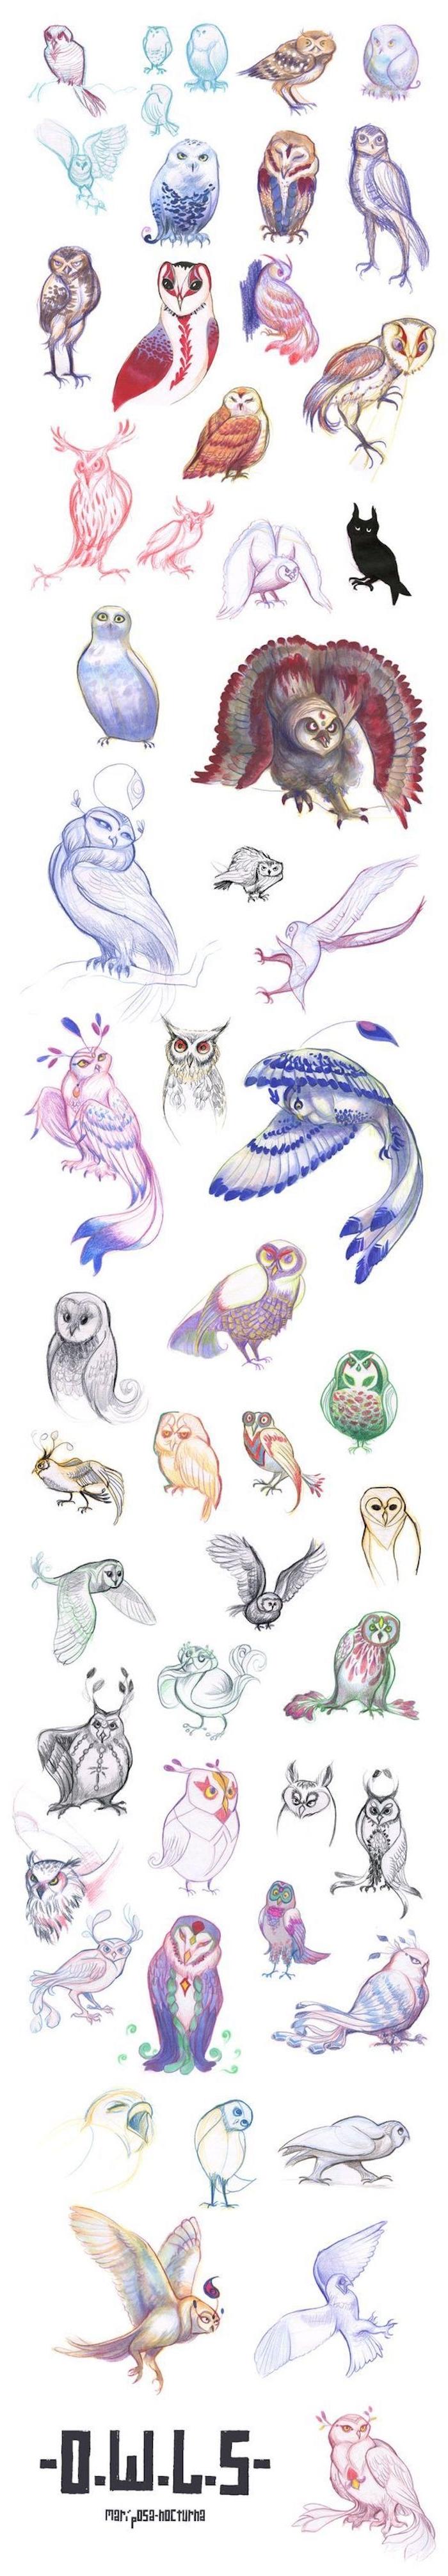 hier finden sie viele inspirierende ideen und bilder zum thema eulen tattoos, die ihnen sehr gut gefallen könnten - bunte, blaue, pinke, grüne. rote eulen und uhus